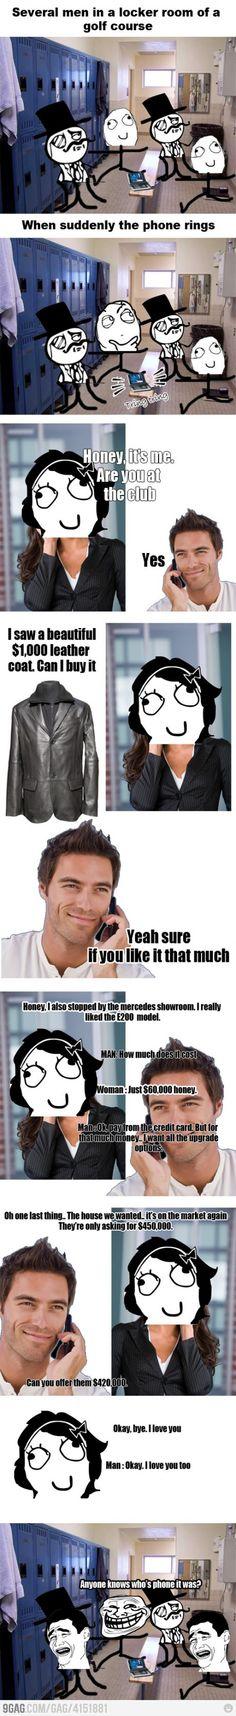 I laughed soooo hard!!!!